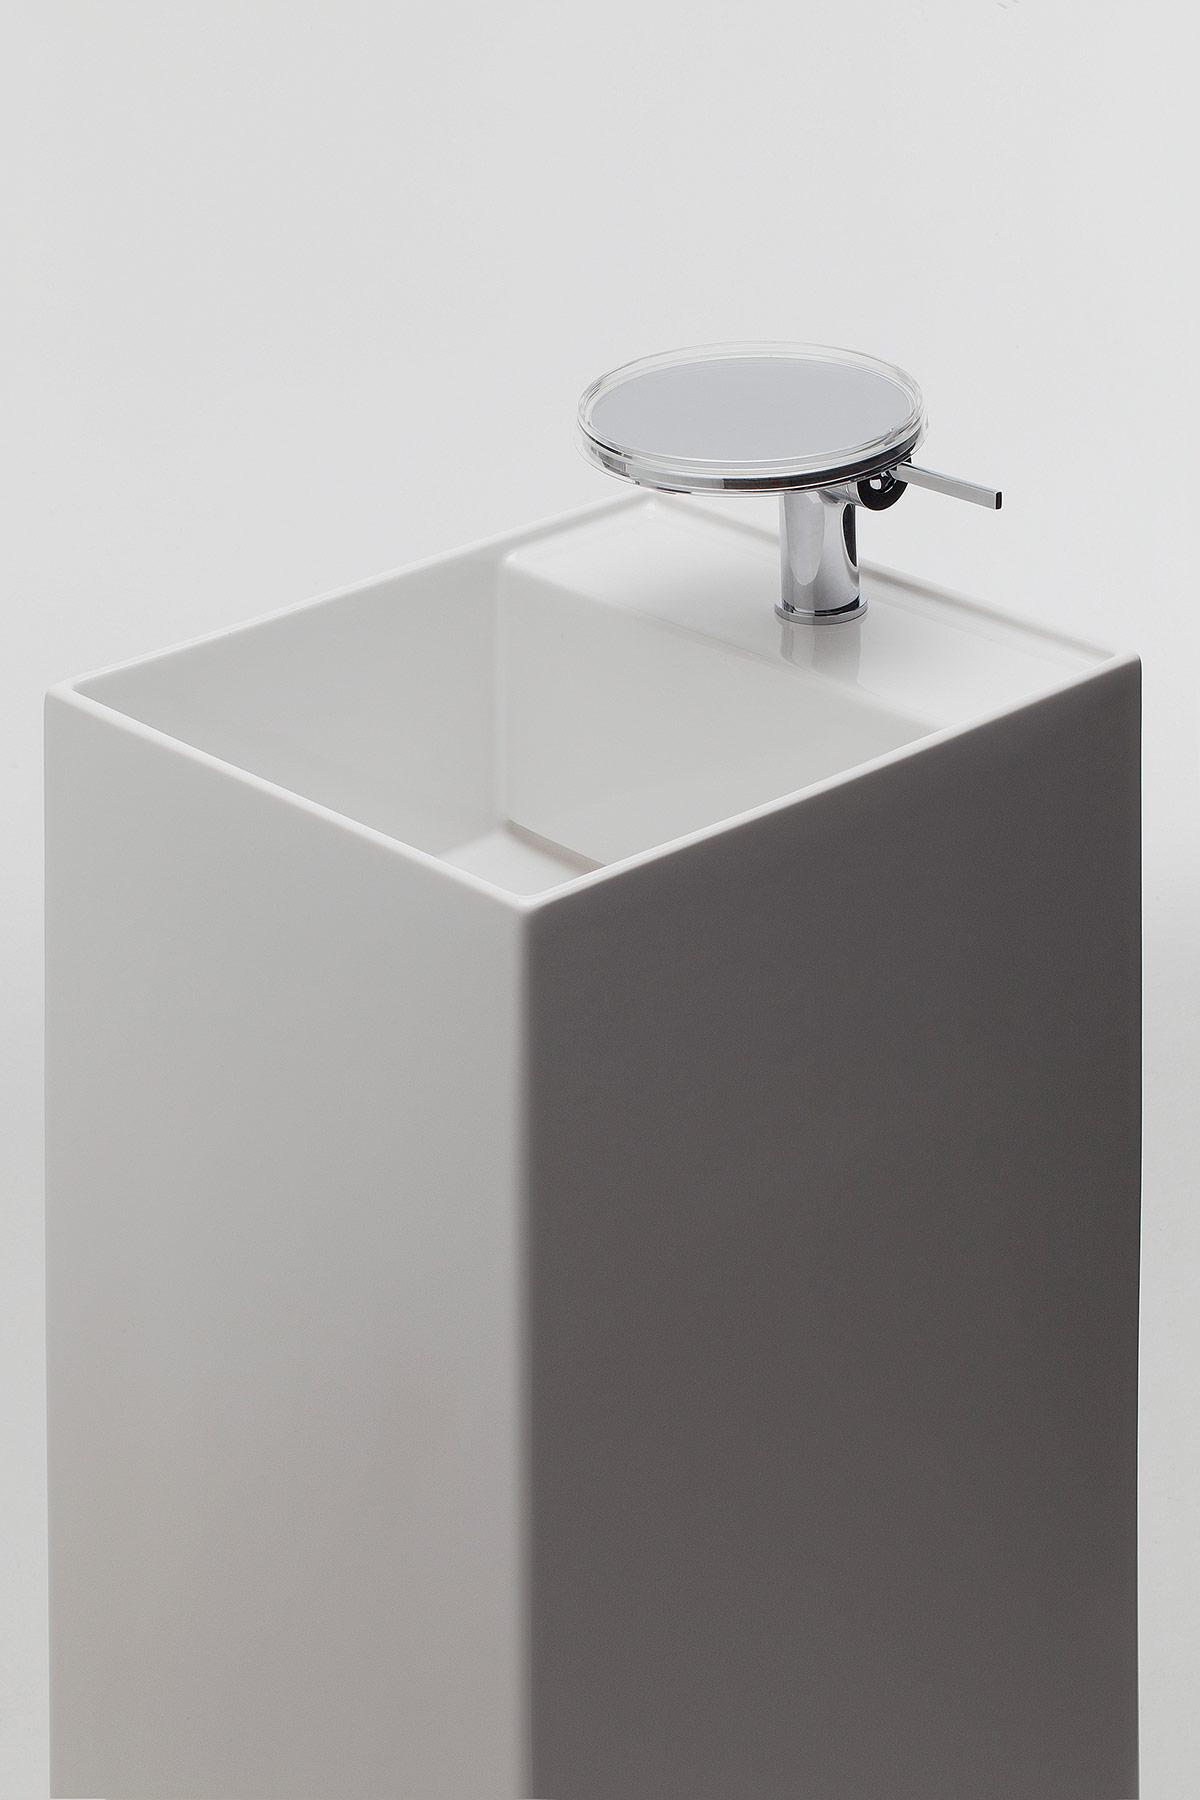 Modern Kartell Deck Mount Faucet